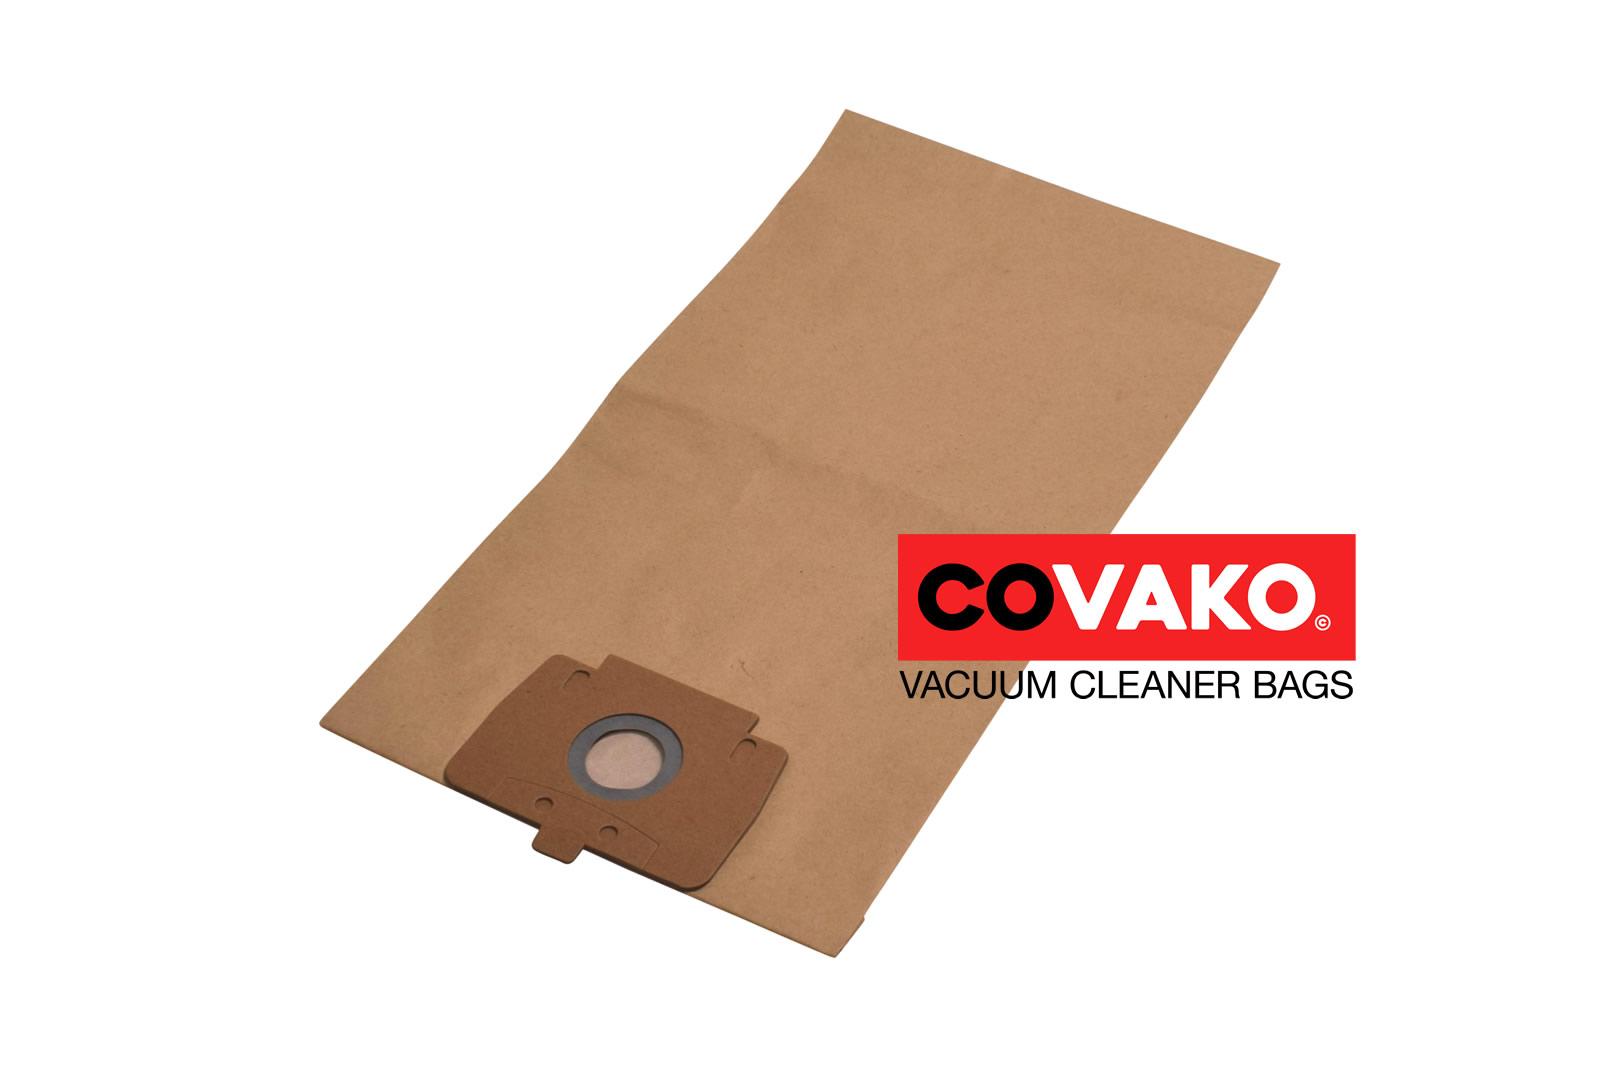 Hako Supervac 100 / Papier - Hako sacs d'aspirateur